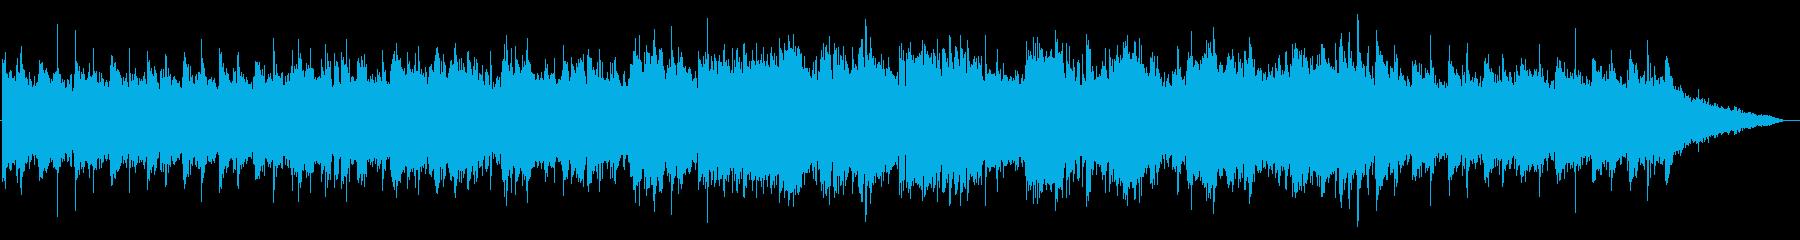 ★とろける★癒し・リラックスヒーリング系の再生済みの波形